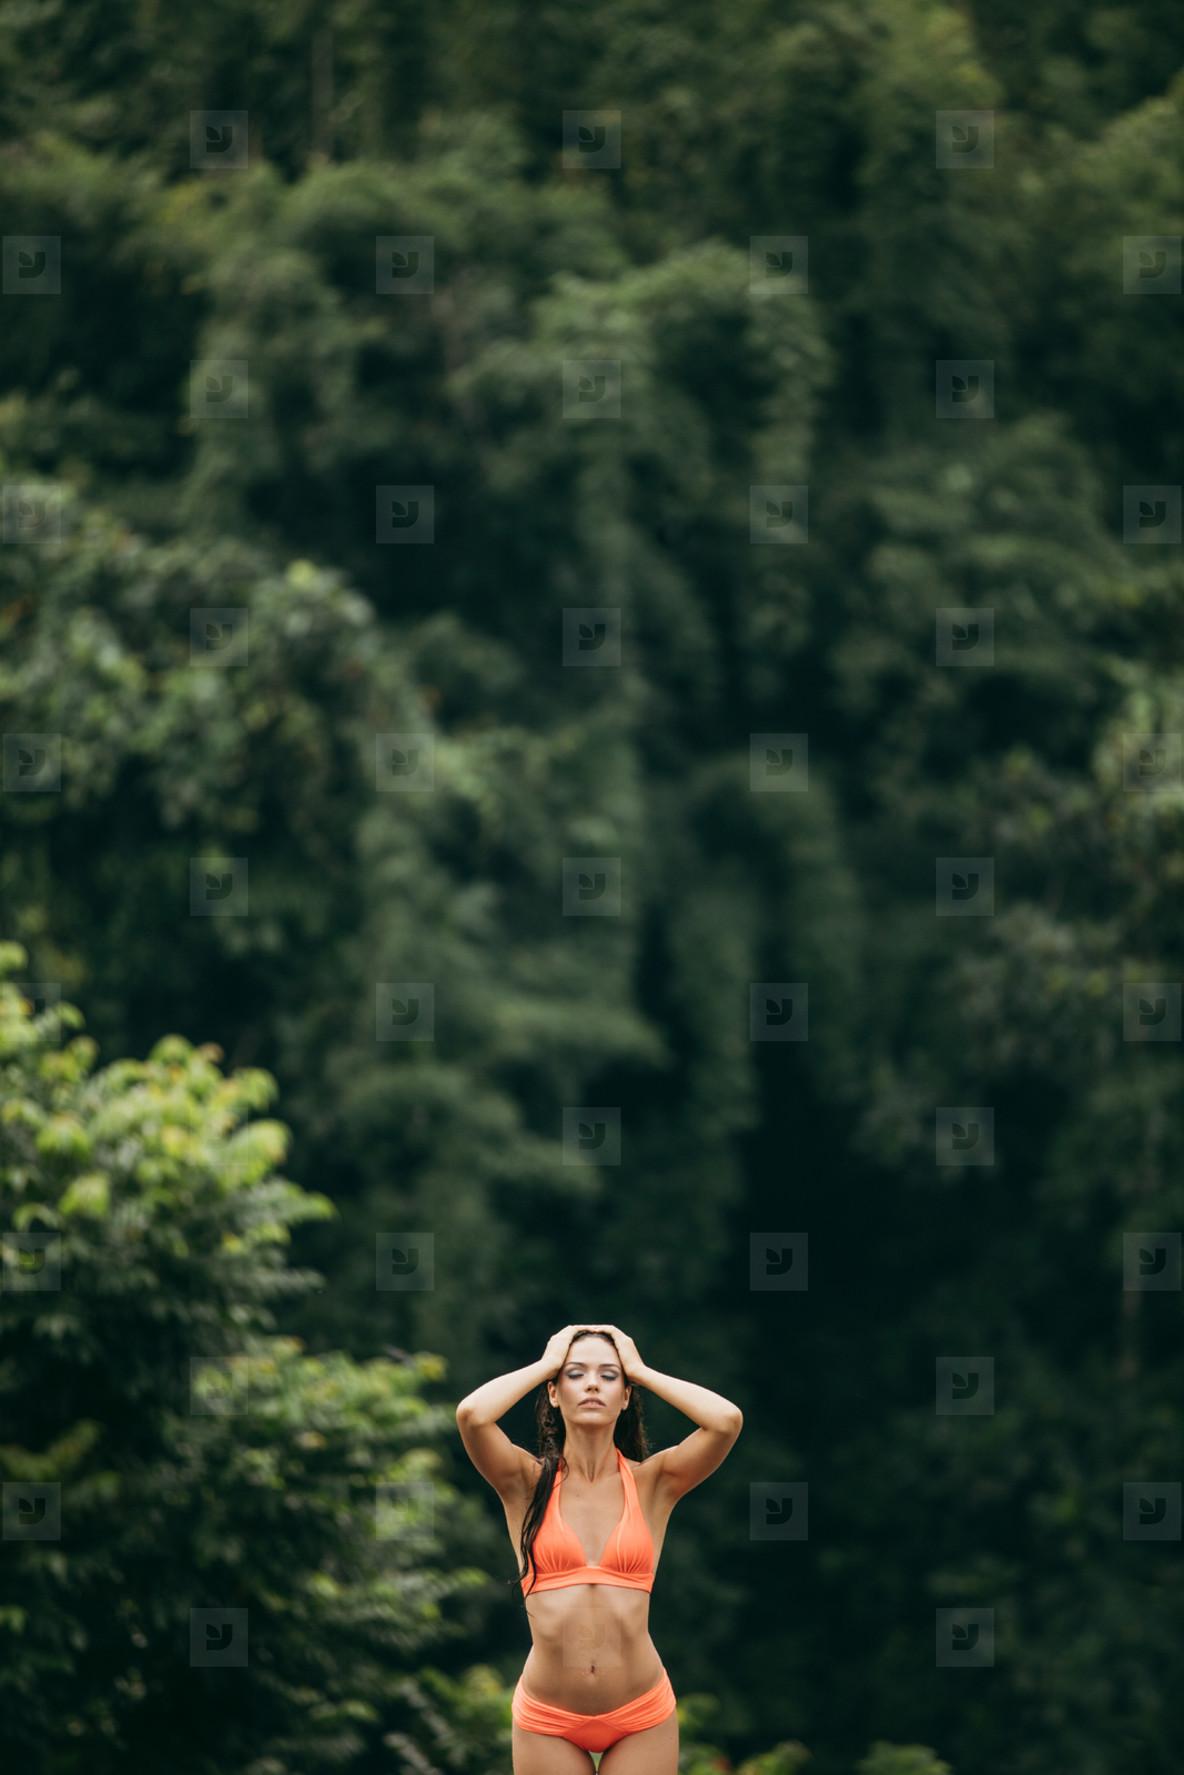 Beautiful young woman posing in bikini